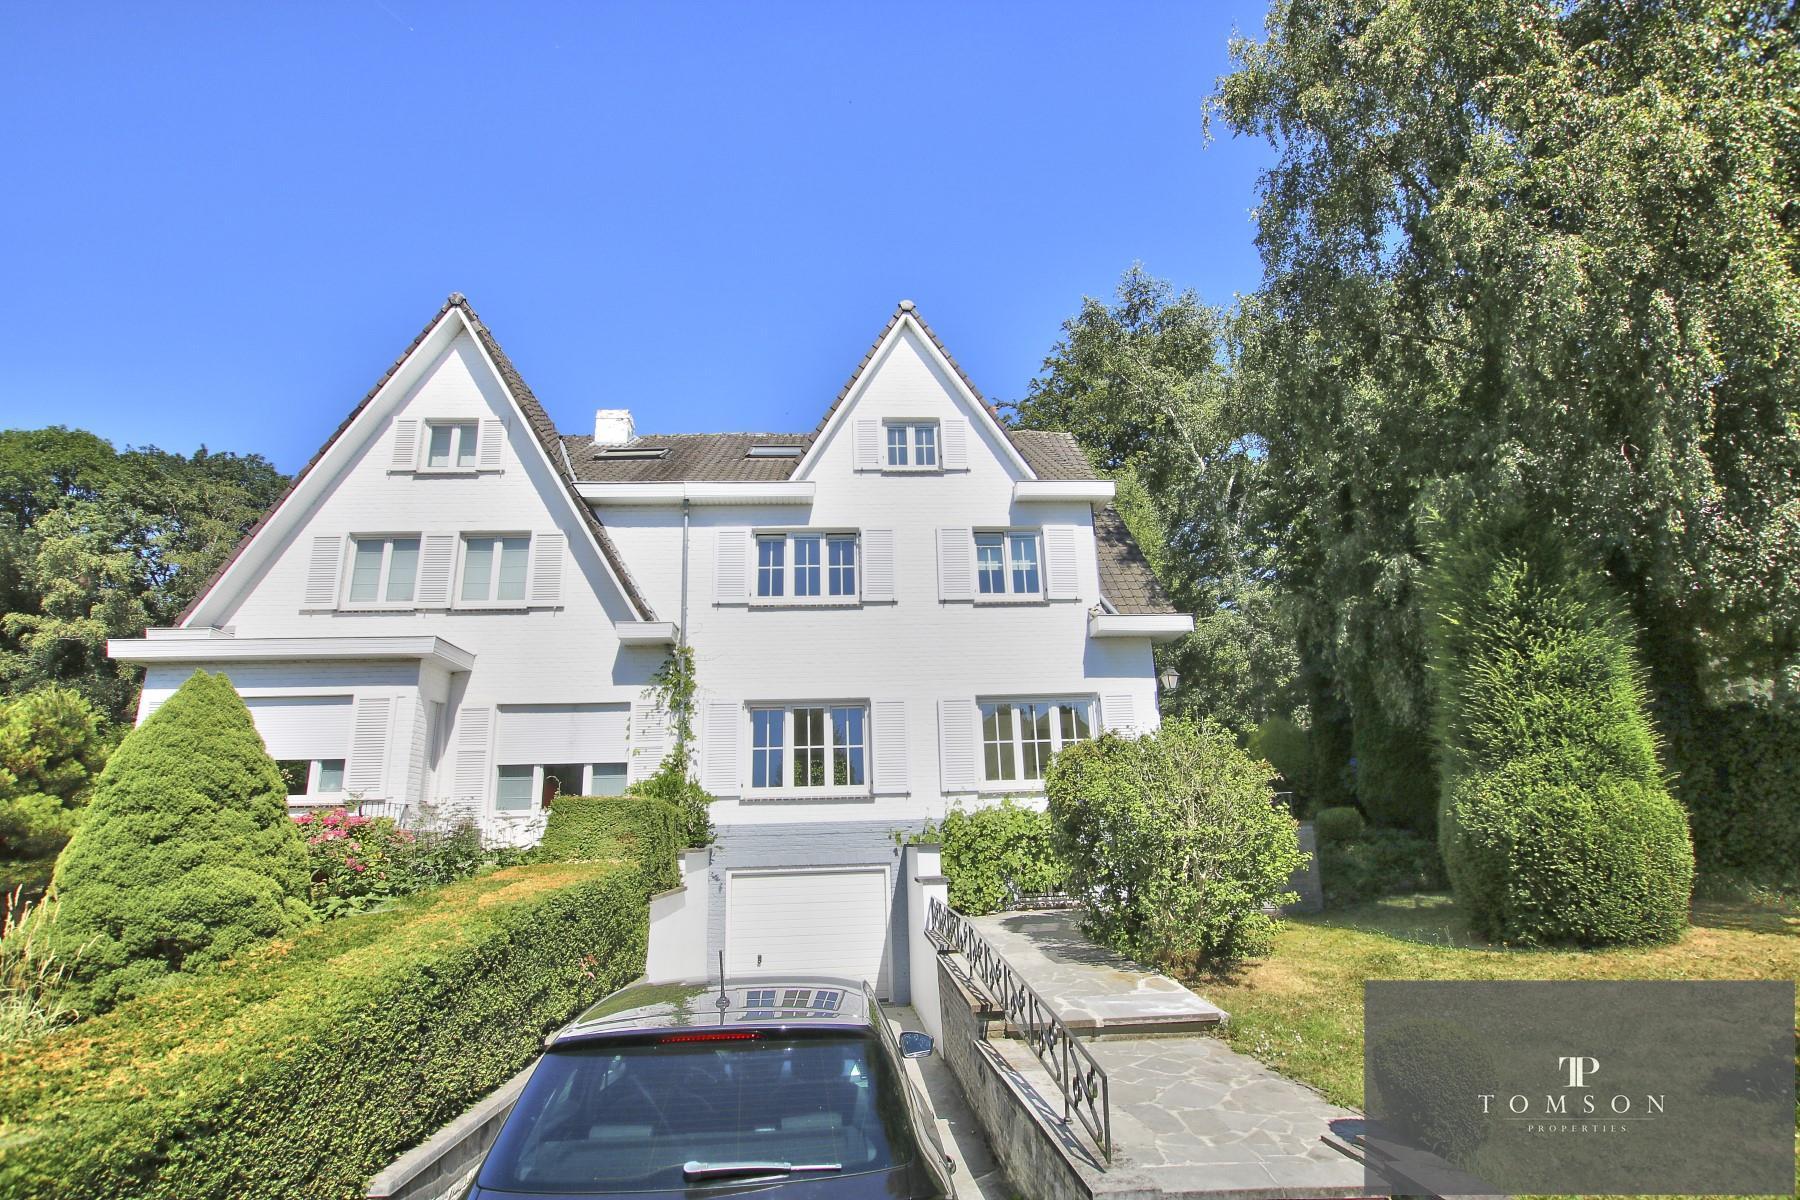 Huis - Woluwe-Saint-Pierre - #4399861-17